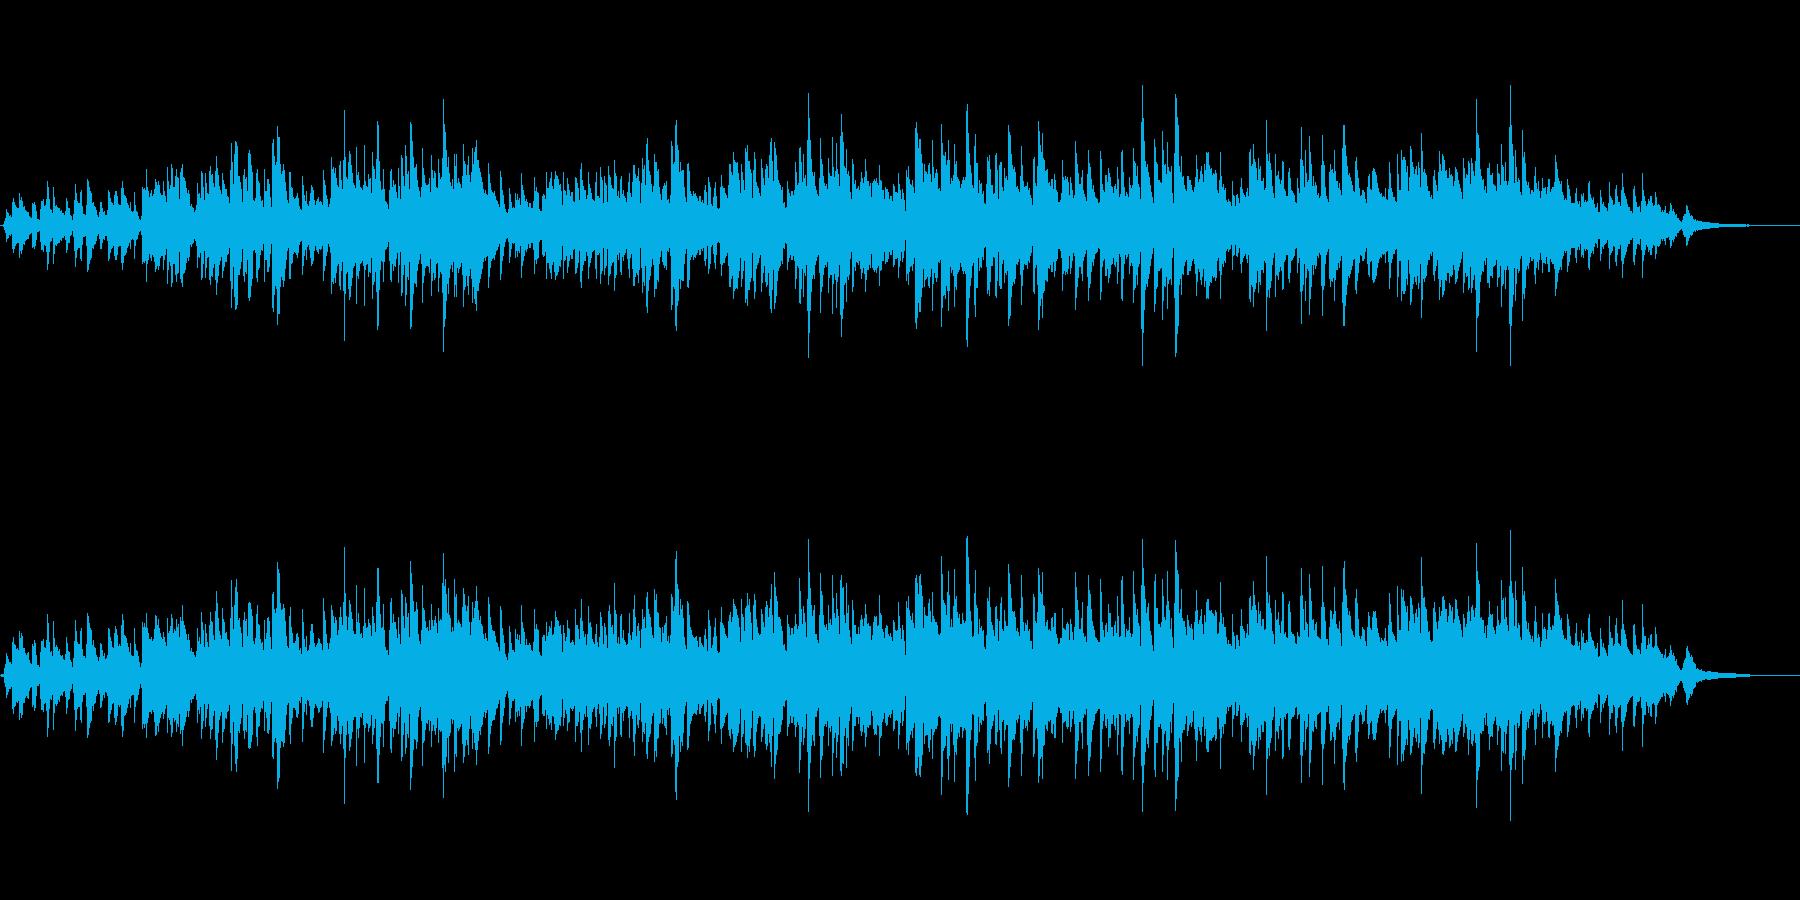 アコギデュオによる爽やかで生演奏曲の再生済みの波形